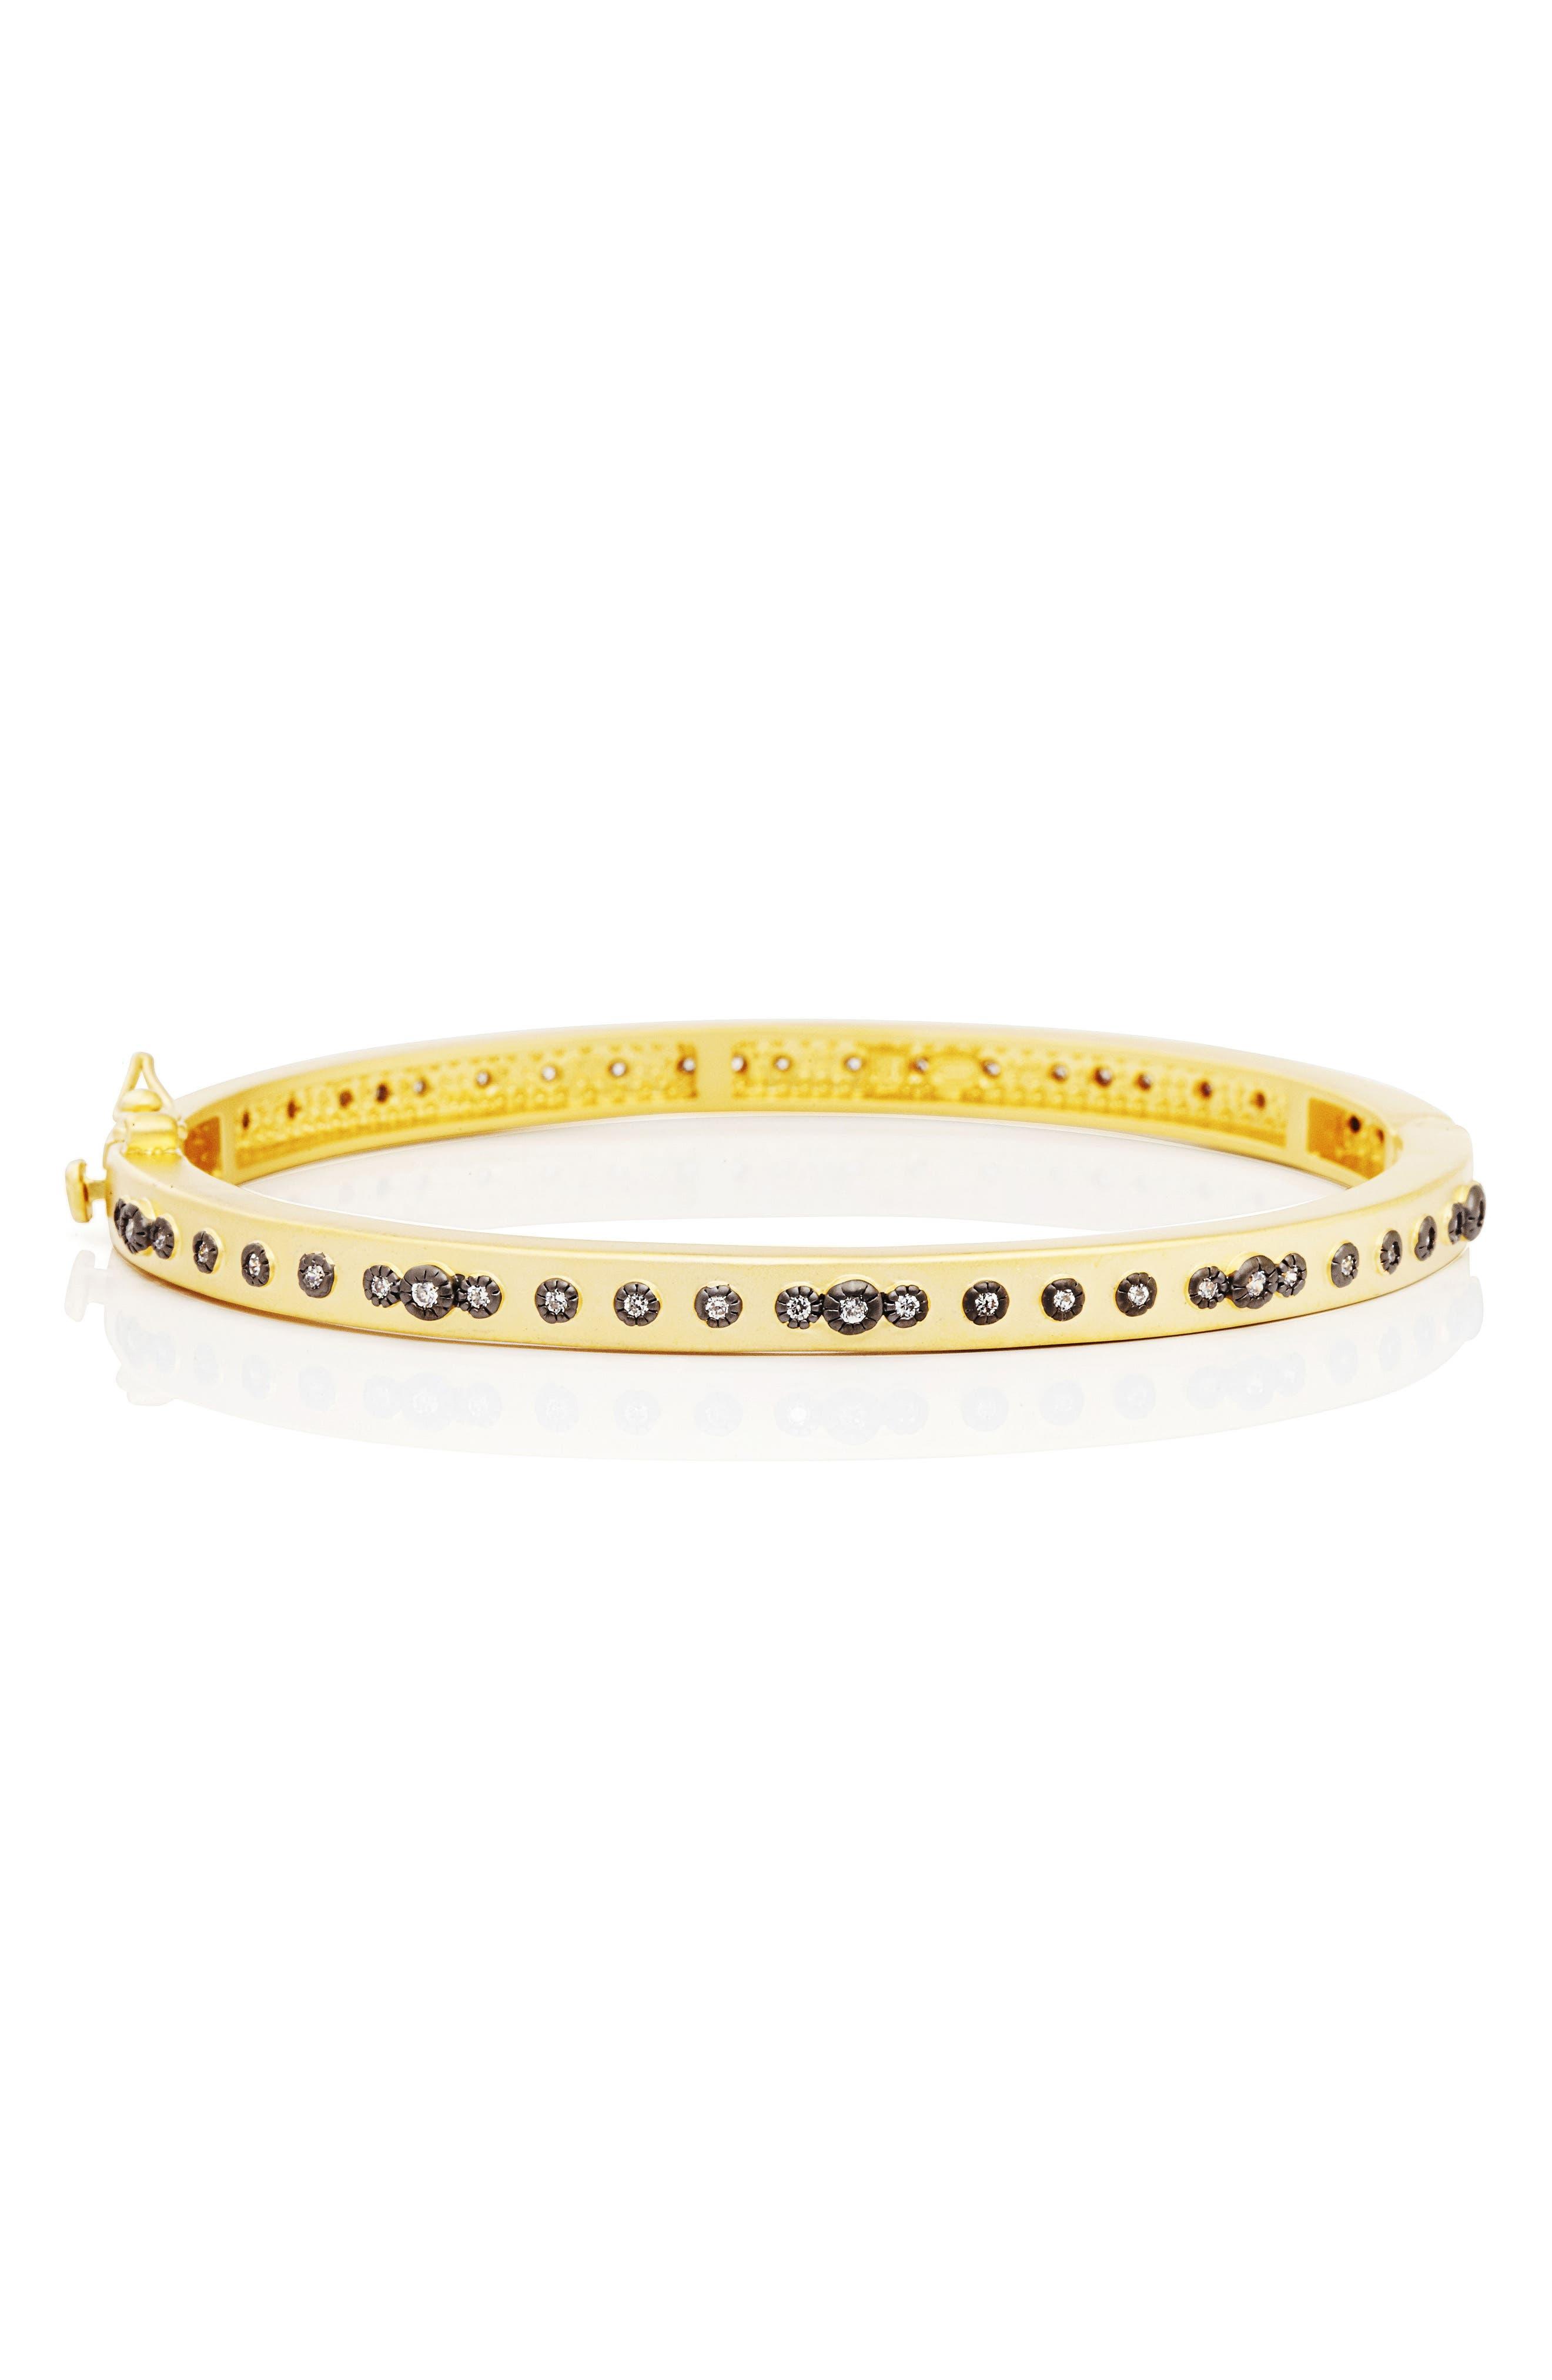 Signature Mini Stud Eternity Bracelet,                             Main thumbnail 1, color,                             GOLD/ BLACK